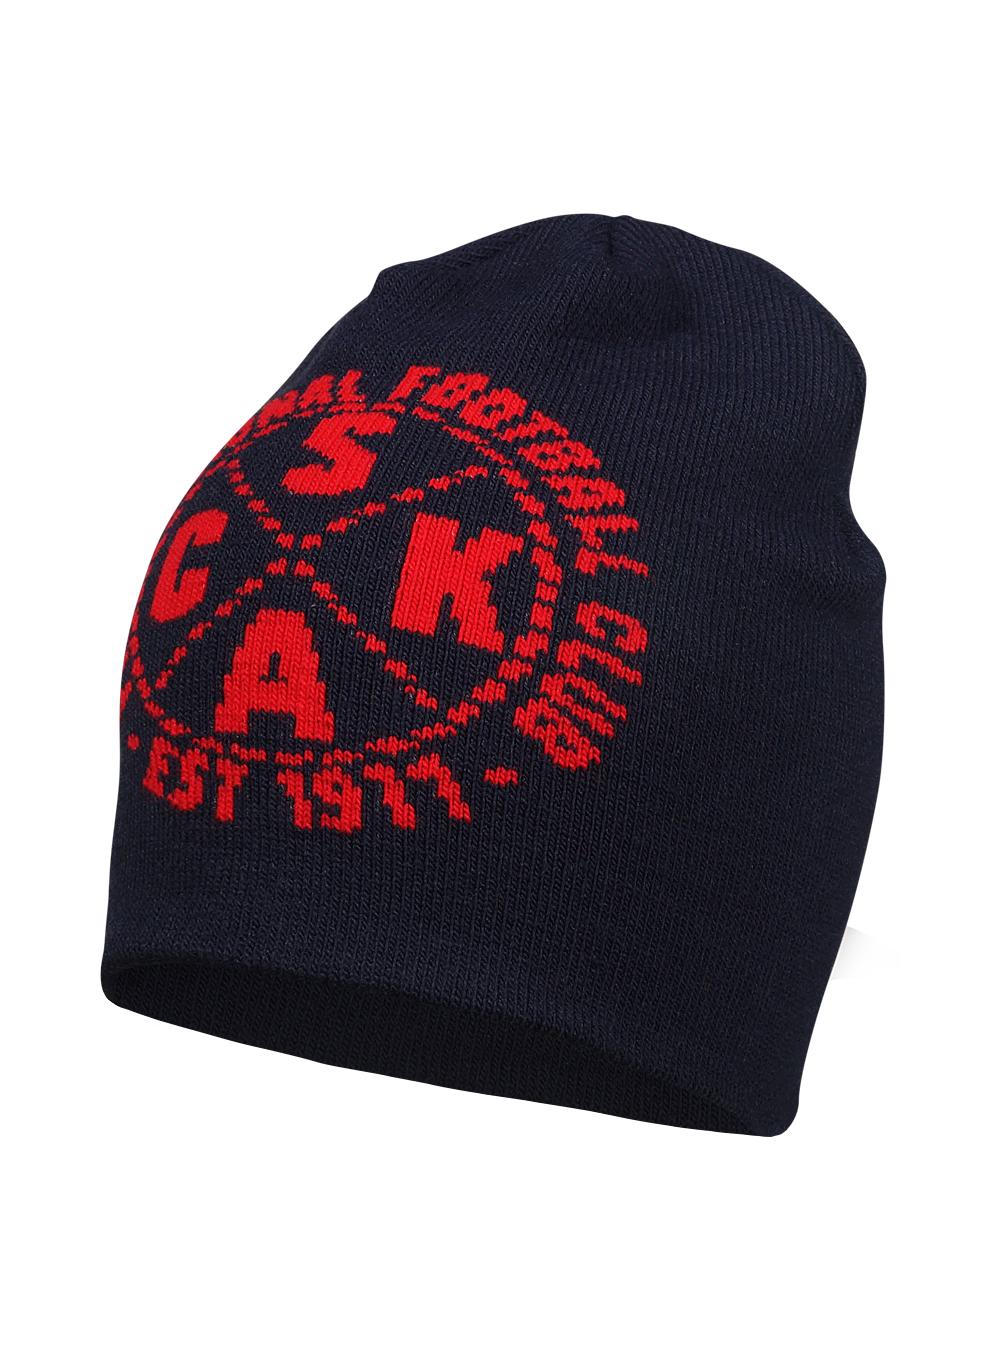 Шапка PFC CSKA est 1911, цвет синий фото